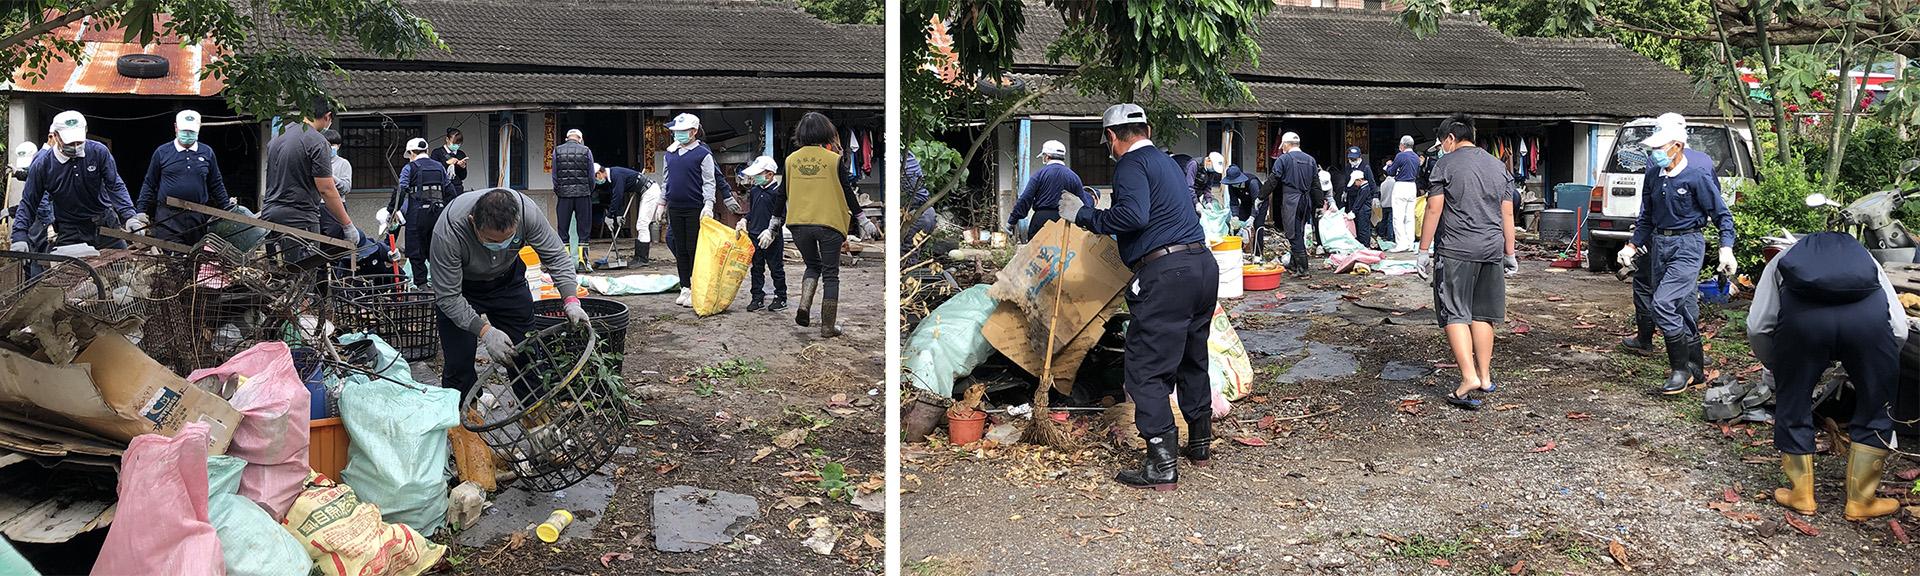 台東區的慈濟志工們,努力地清掃及搬運家中已久的雜物及堆積很多垃圾。